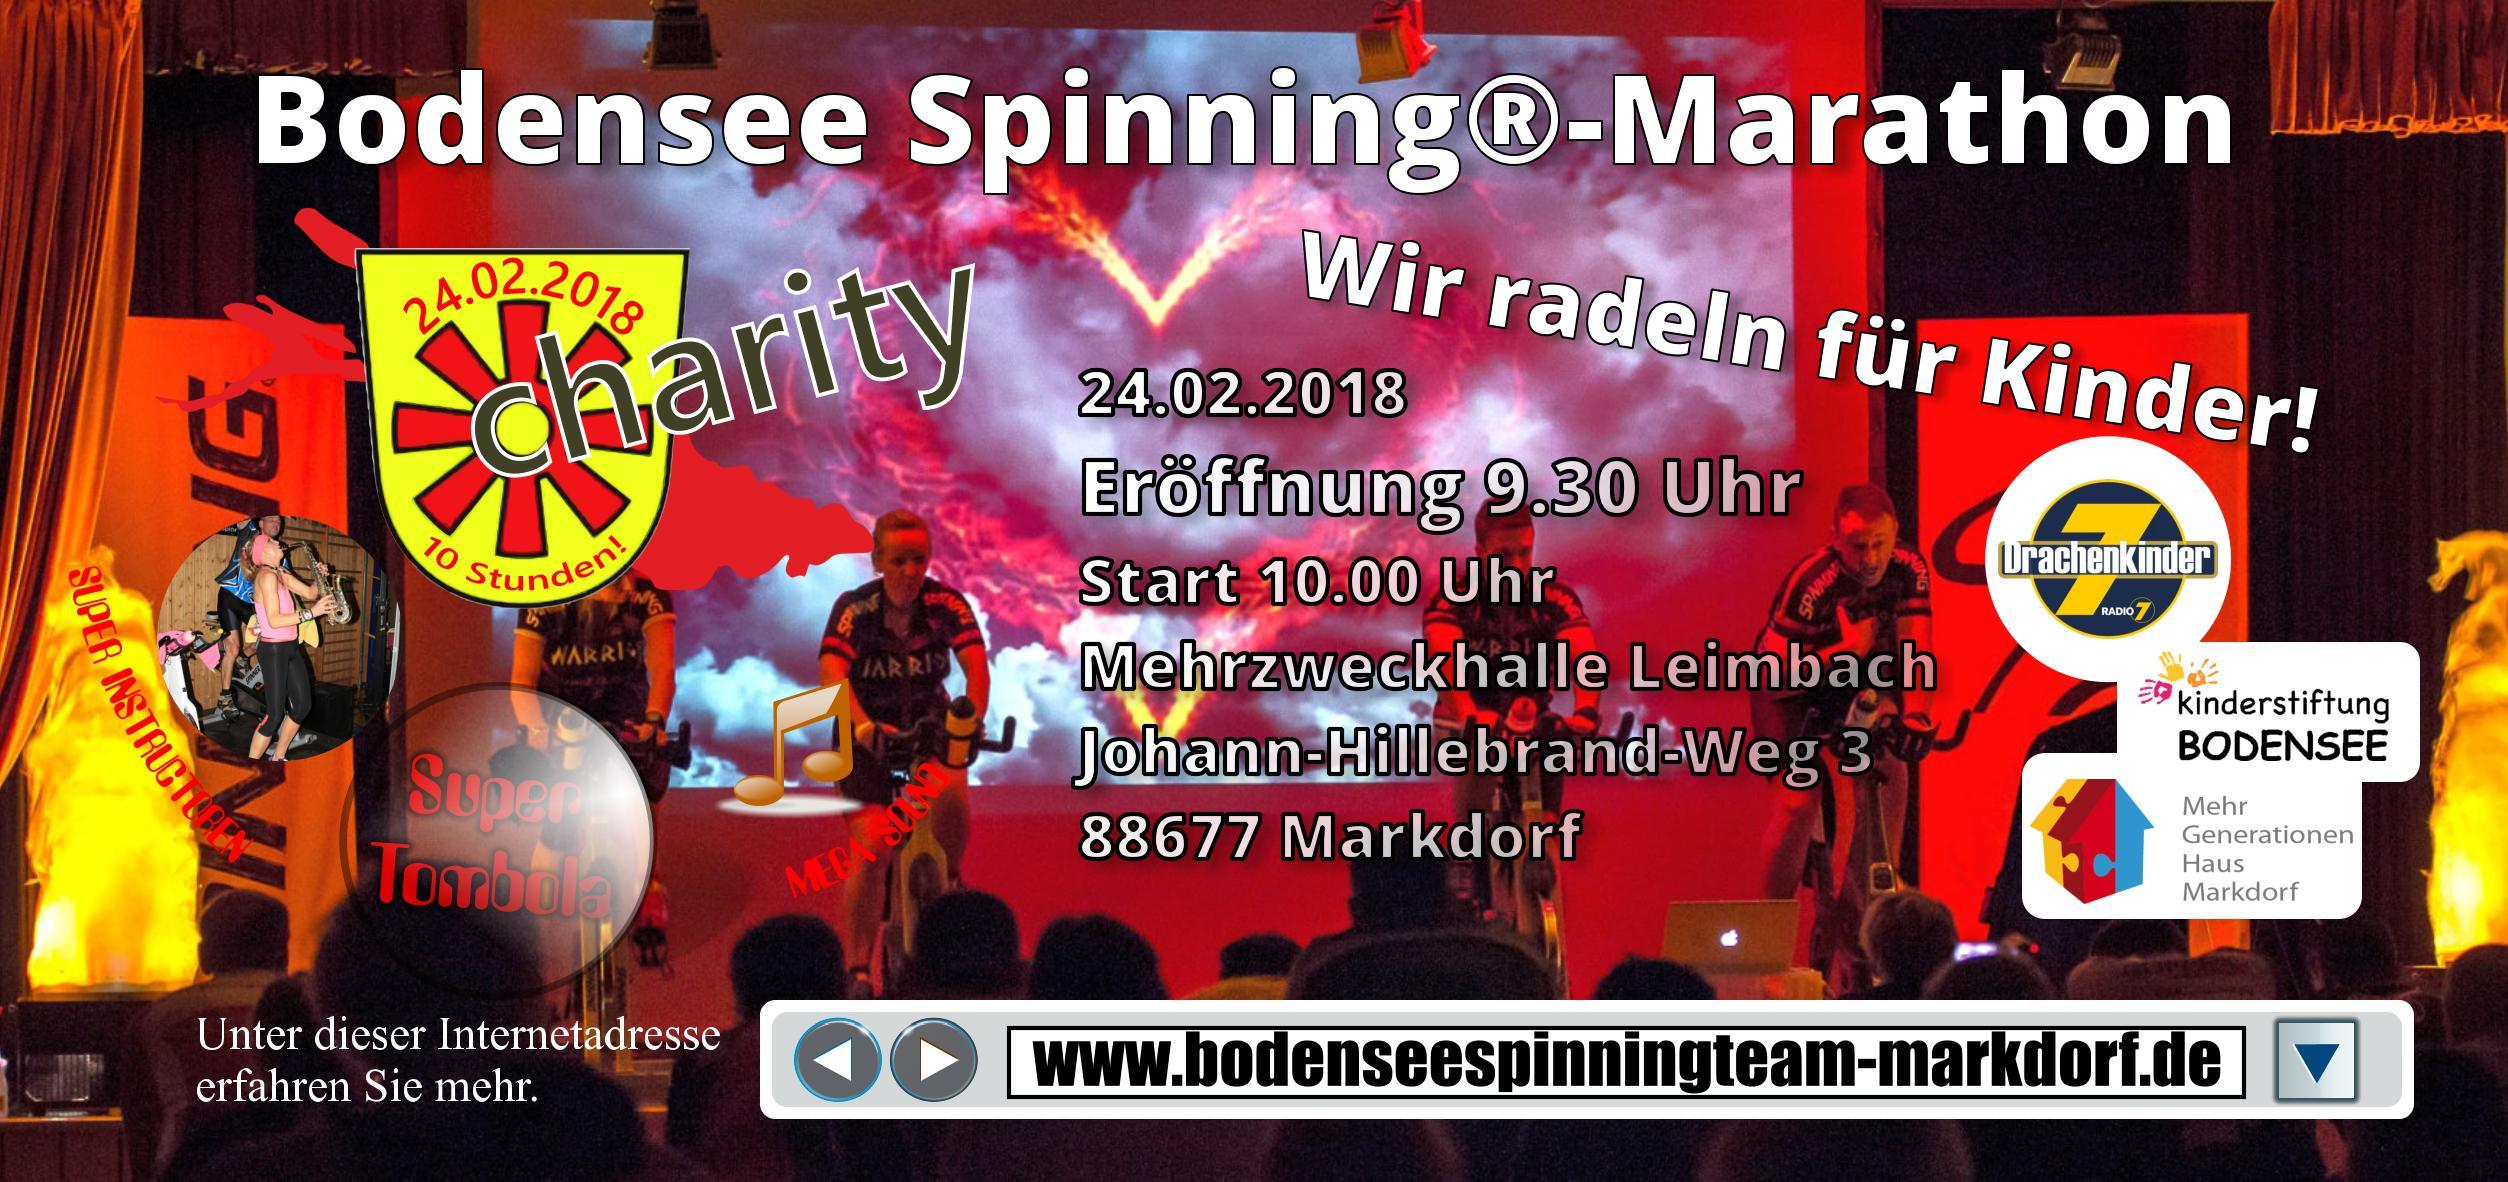 Bodensee Spinning®-Marathon